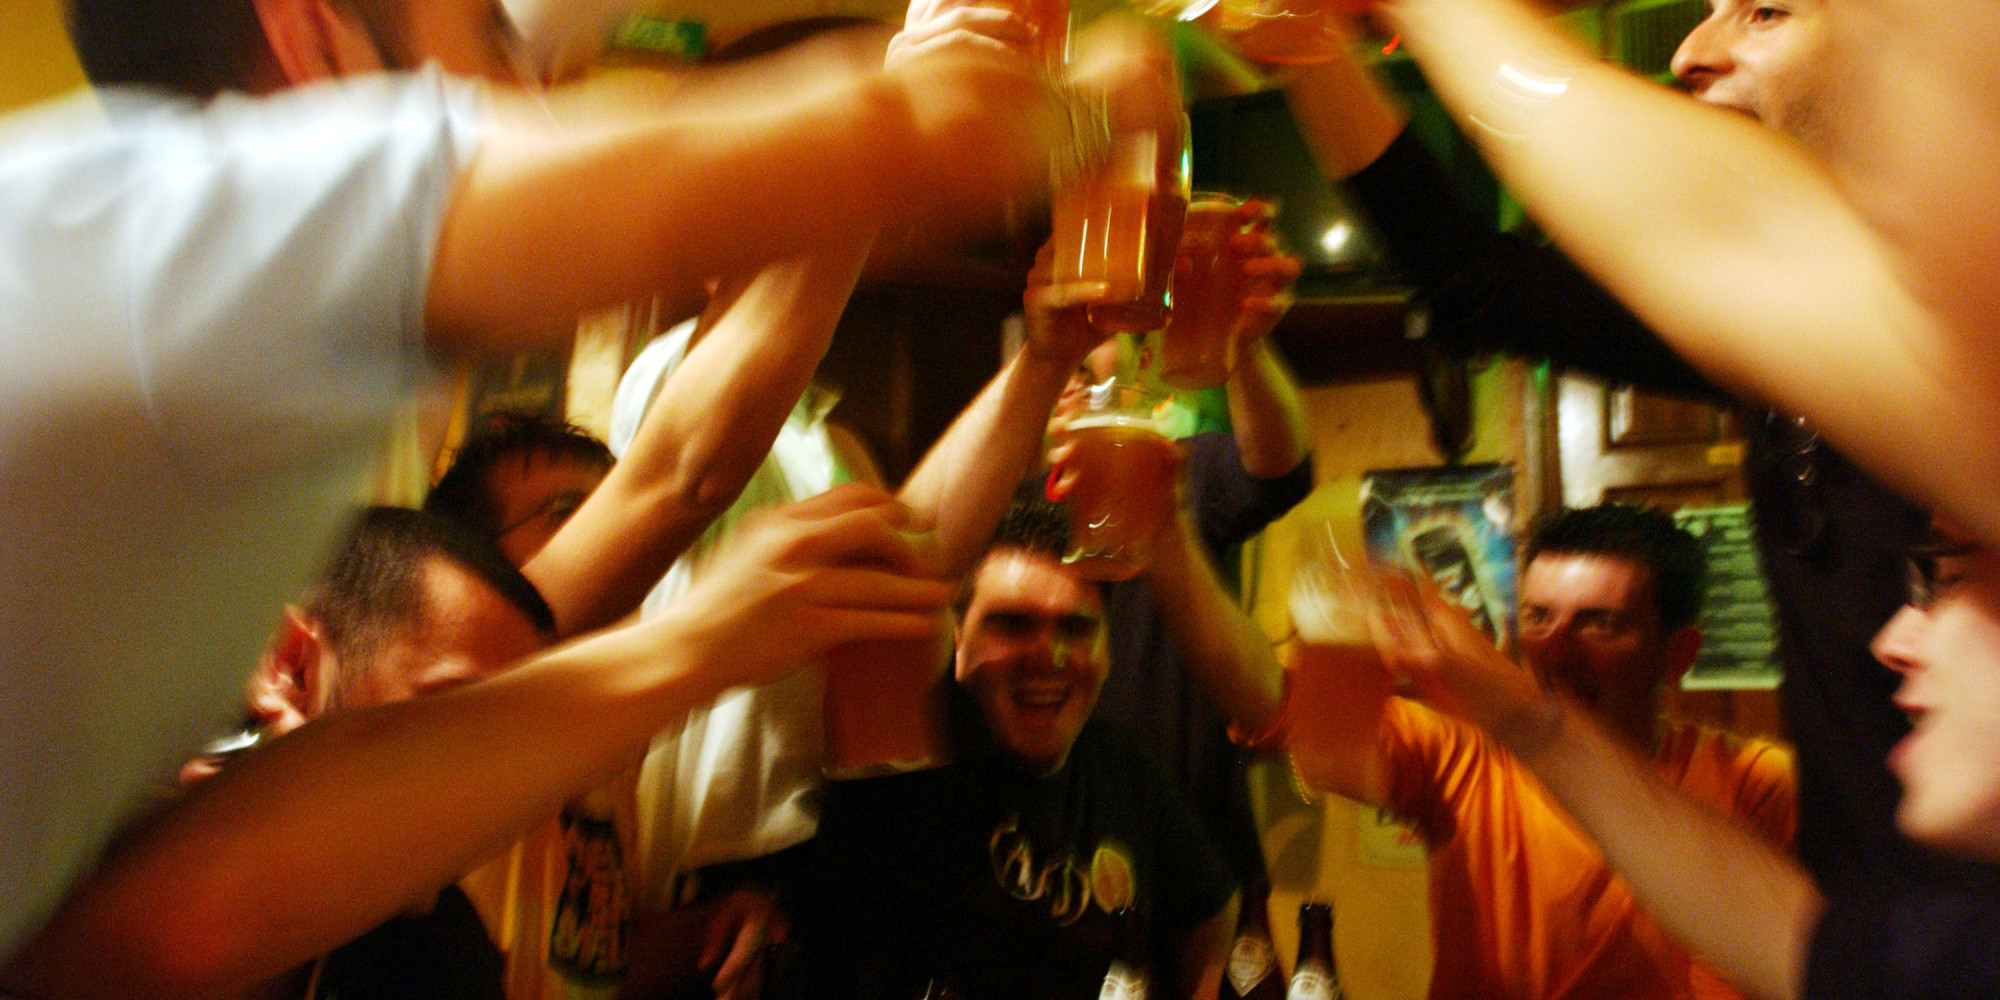 Der Alkoholismus und die Leberentzündung